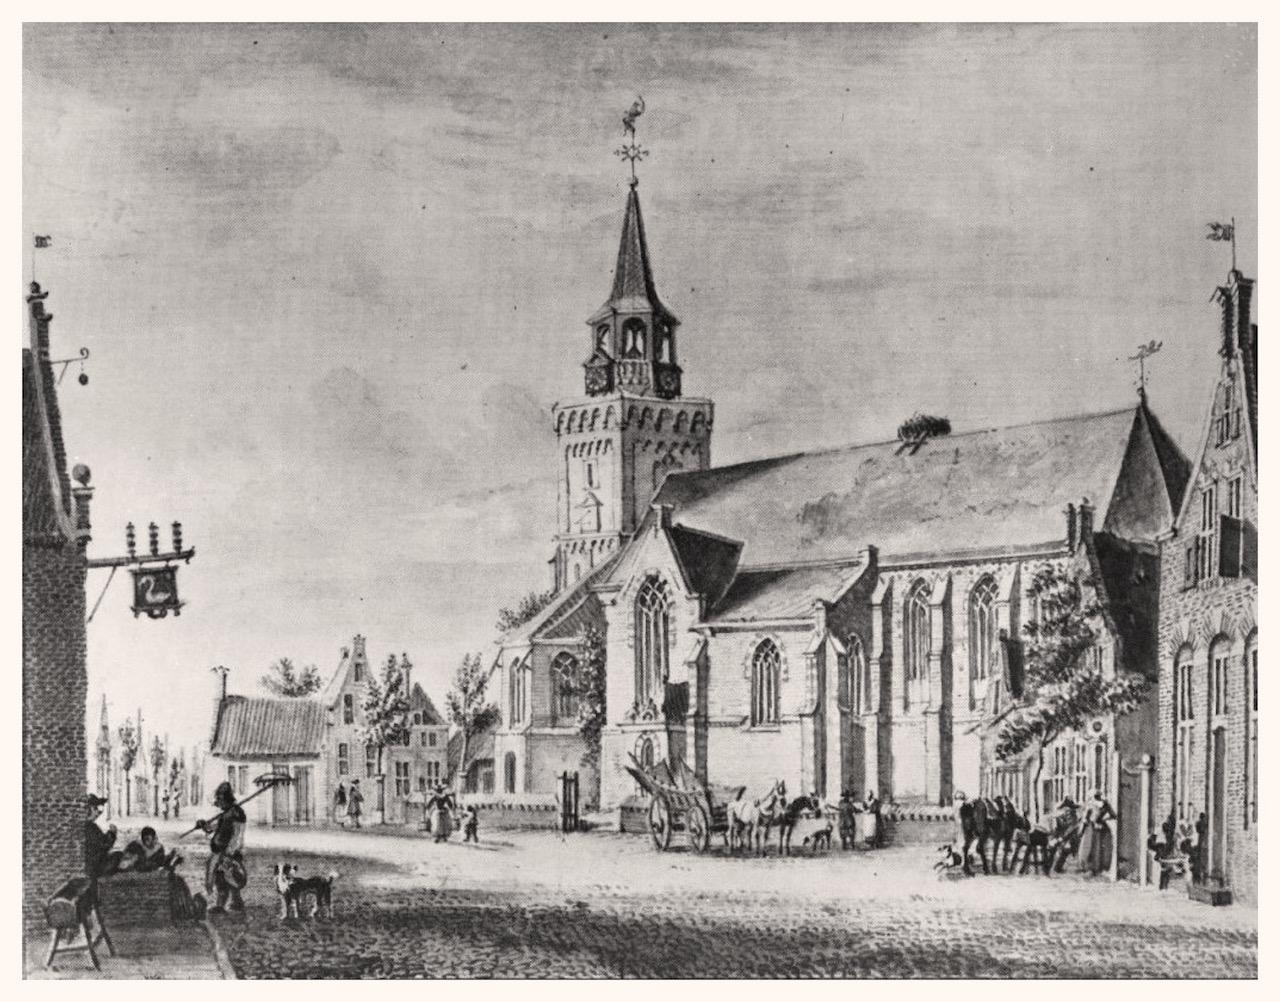 De oude markt in Bodegraven, links de herberg (met uithangbord) die op dat moment als gemeentehuis fungeerde. Tekening van Jan Beijer, 1757.